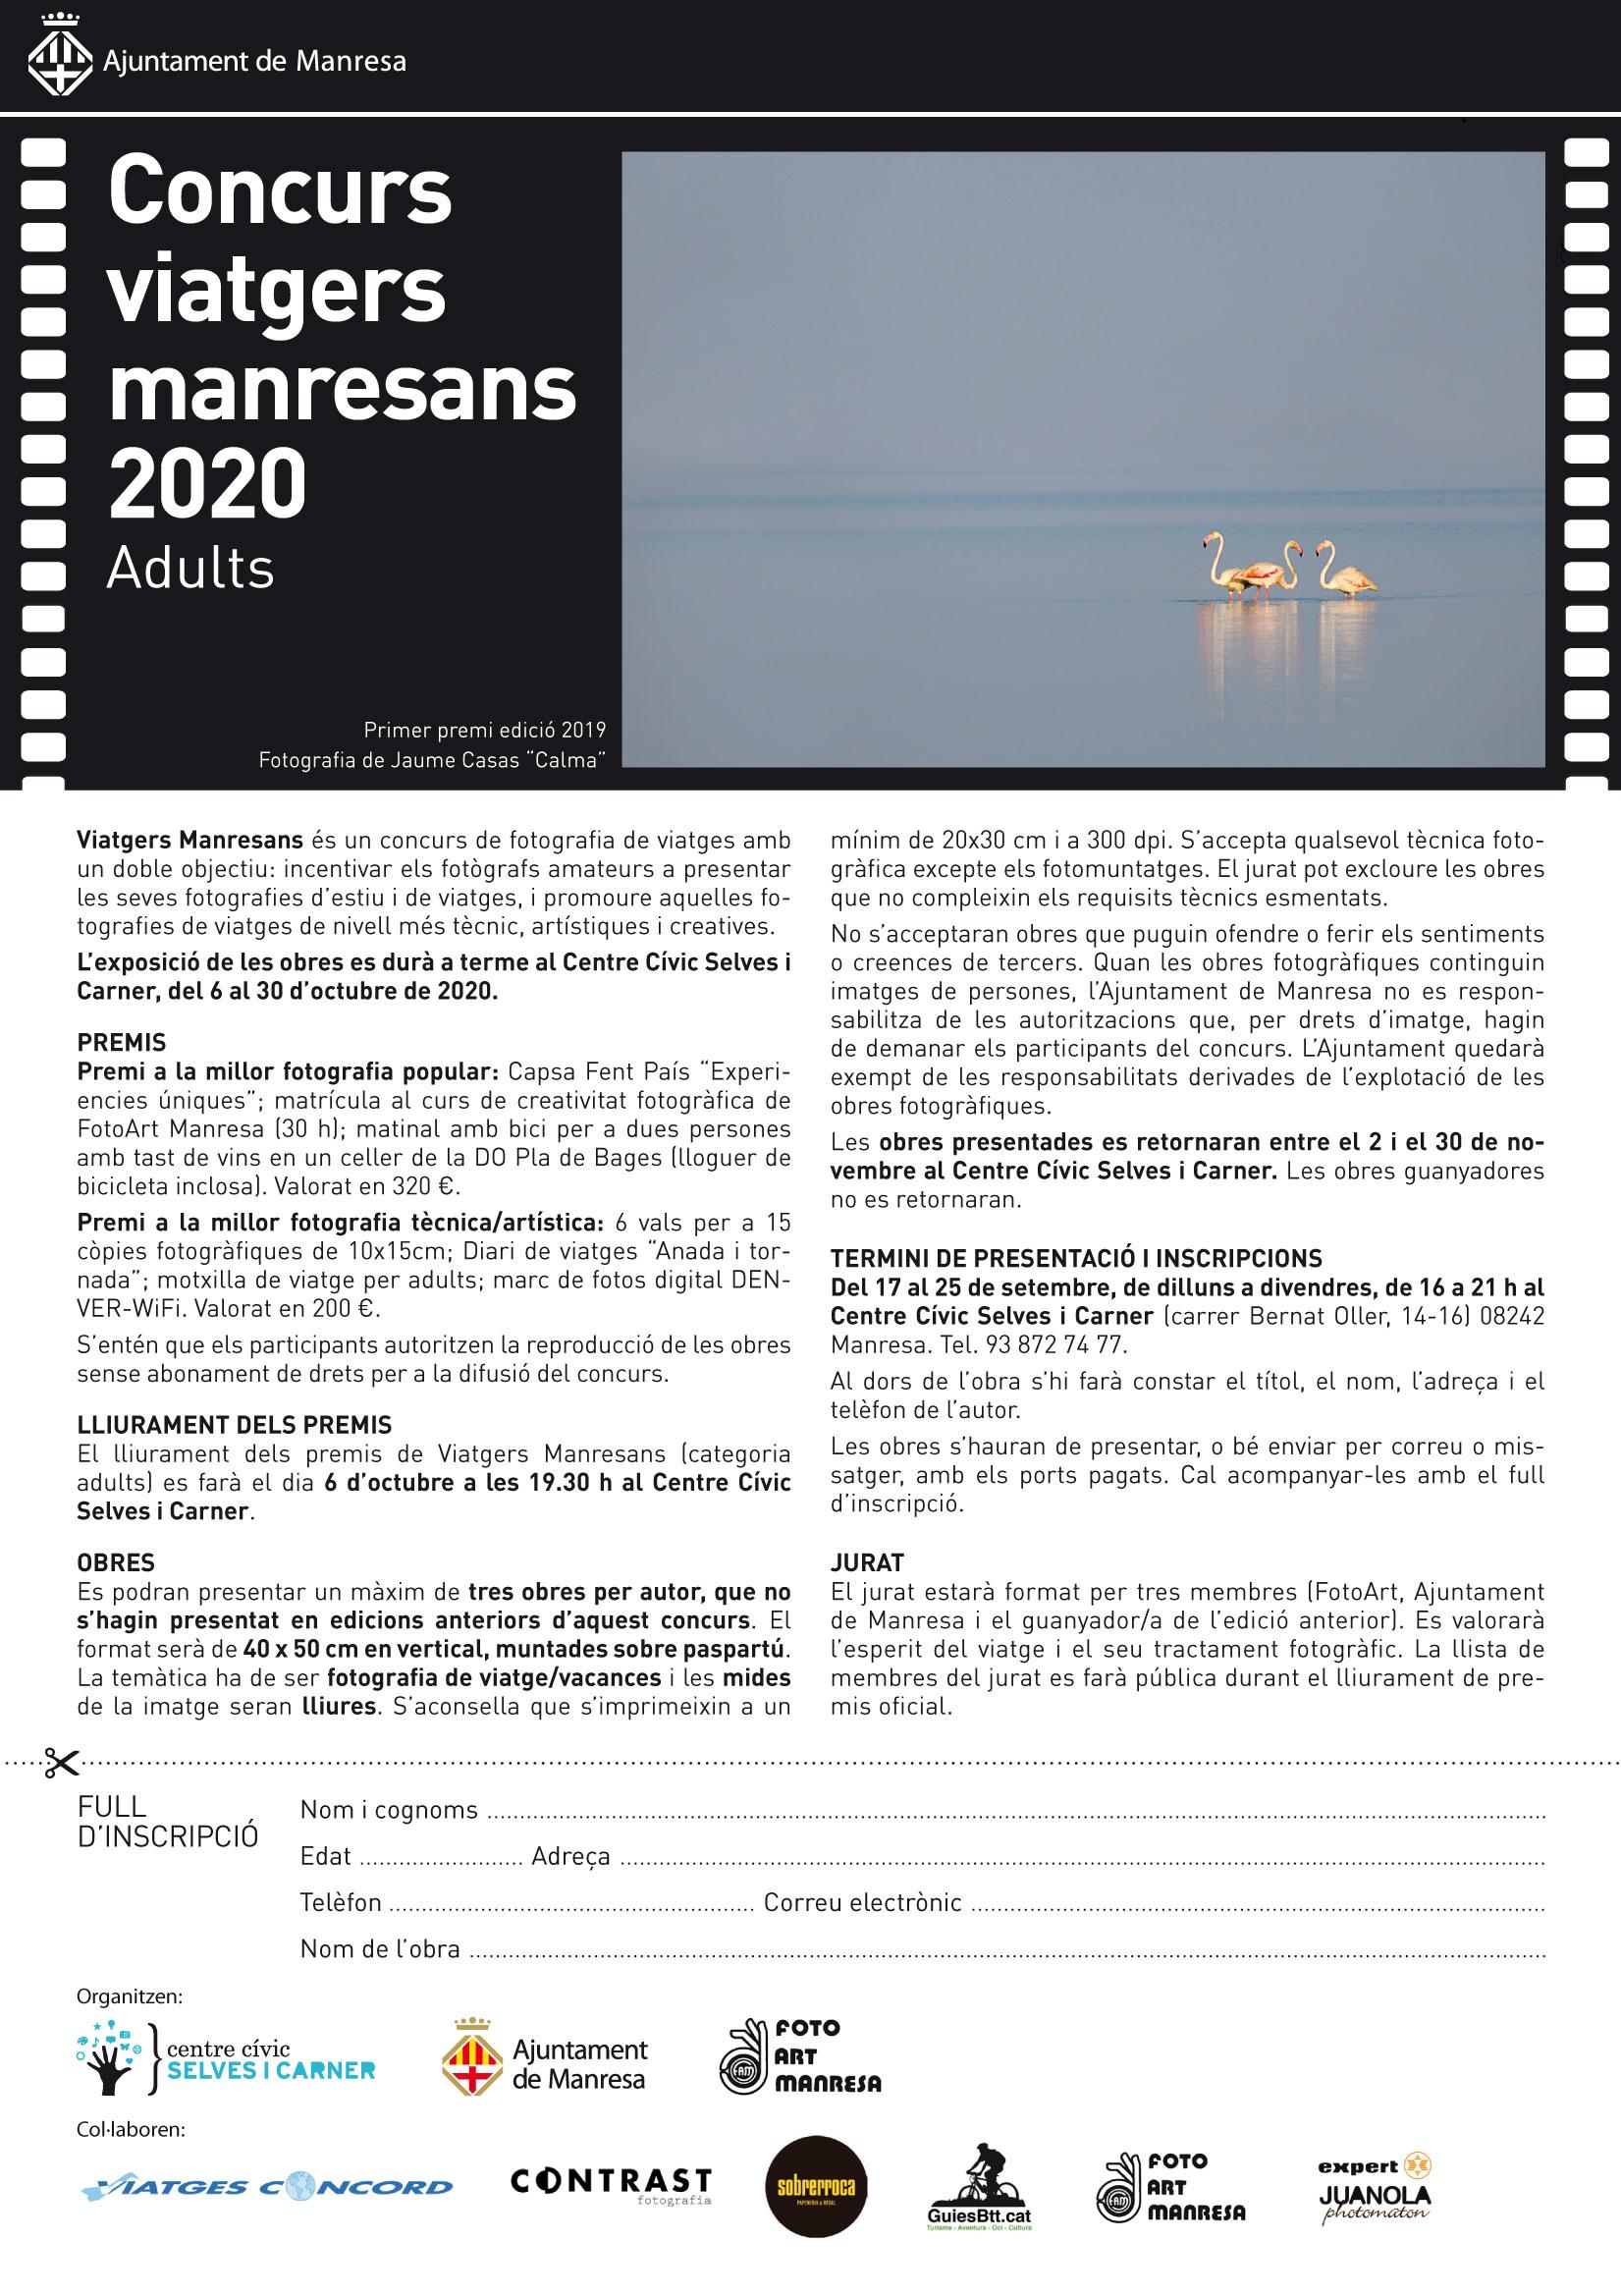 L'Ajuntament convoca una nova edició del concurs fotogràfic